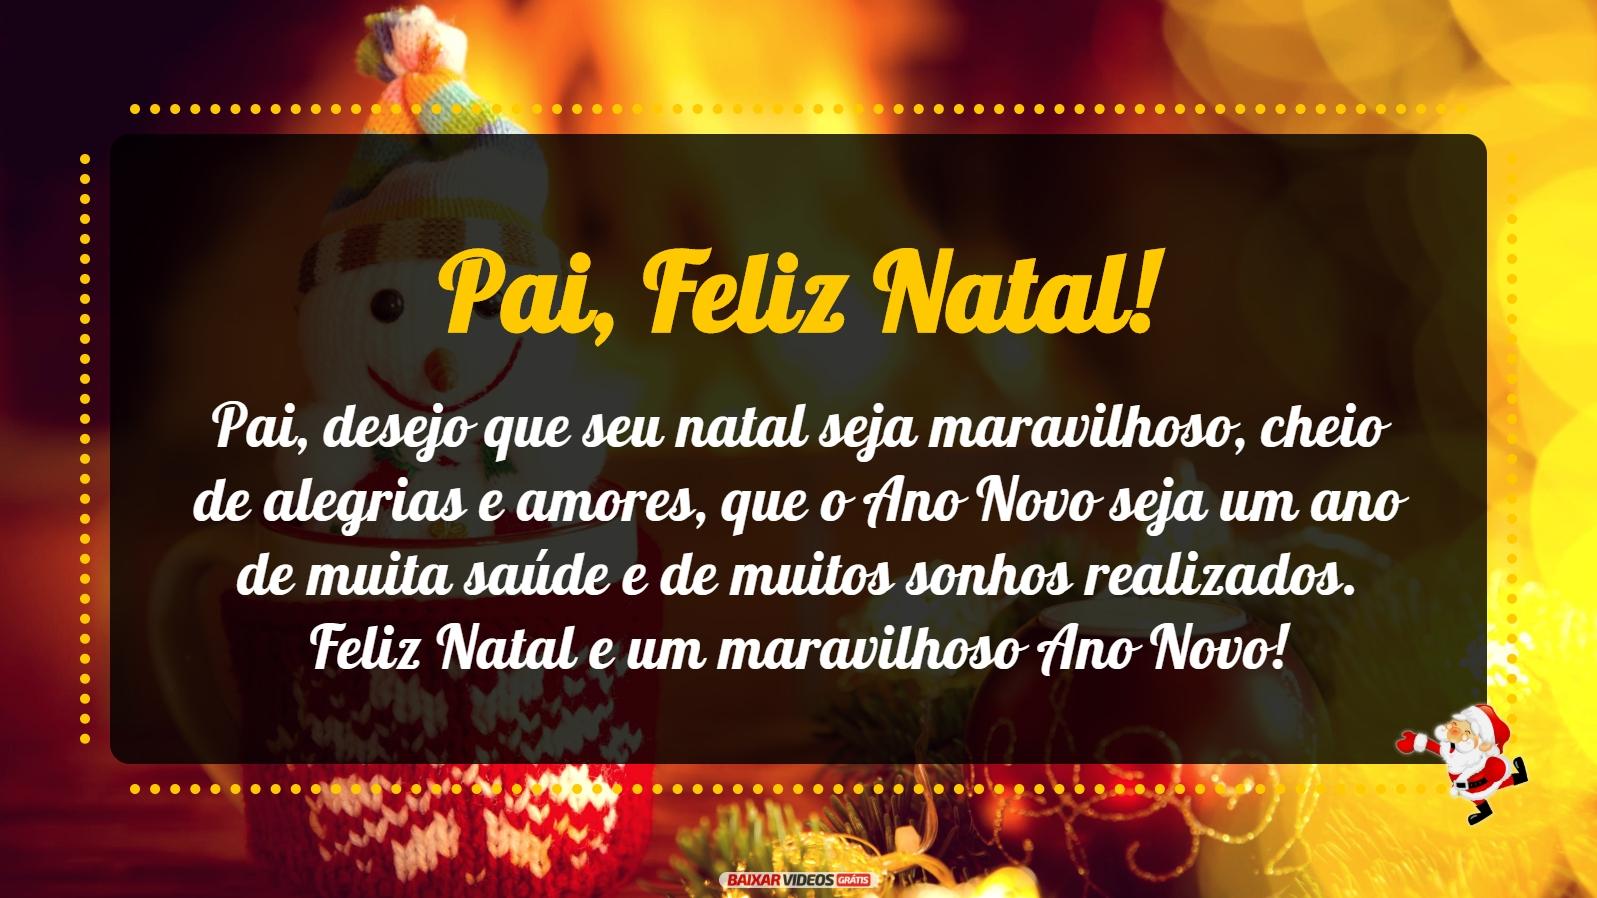 Pai, desejo que seu natal seja maravilhoso, cheio de alegrias e amores, que o Ano Novo seja um ano de muita saúde e de muitos sonhos realizados. Feliz Natal e um maravilhoso Ano Novo!